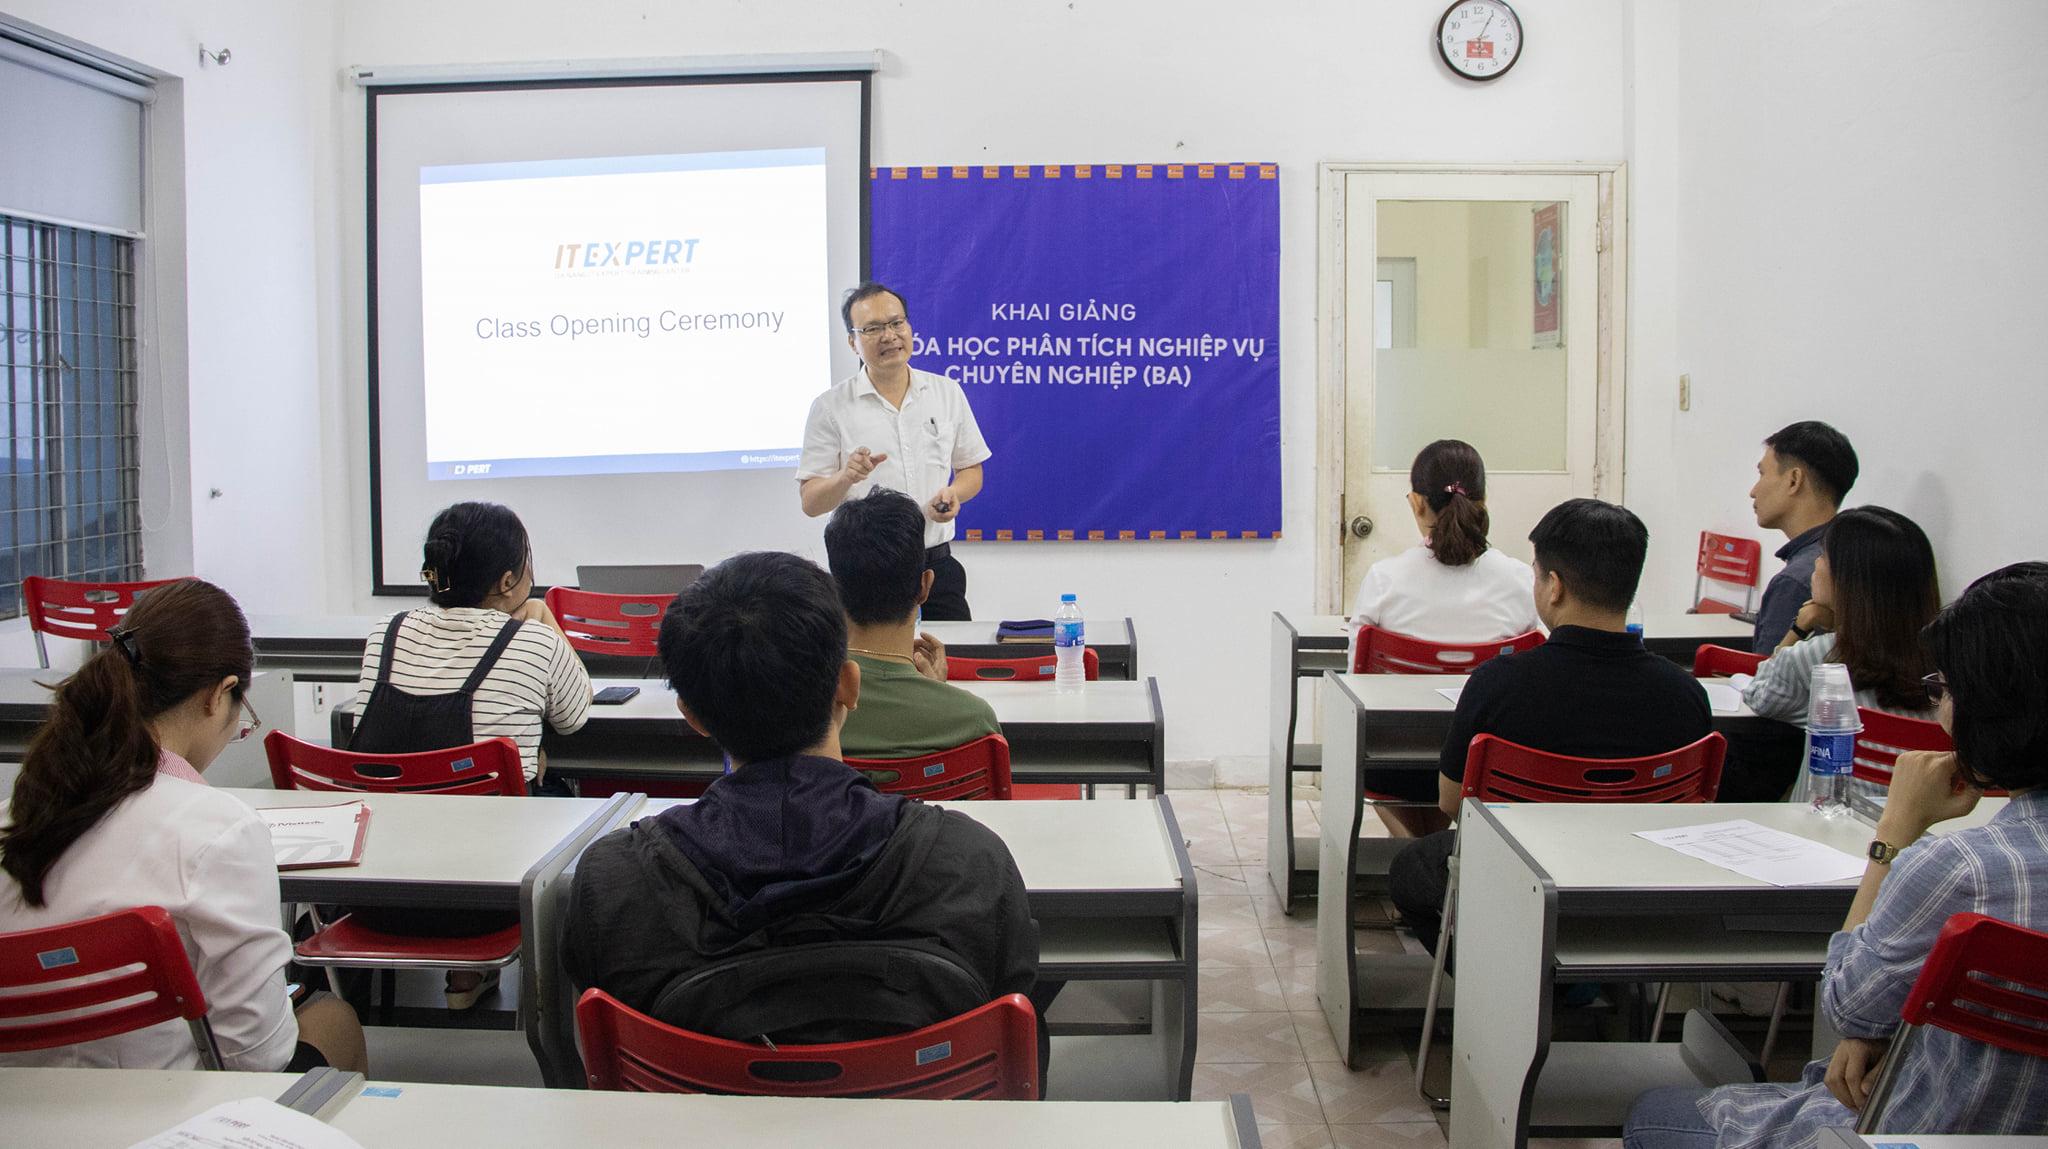 Hinh 1 - Khai giảng khóa học BA chuyên nghiệp